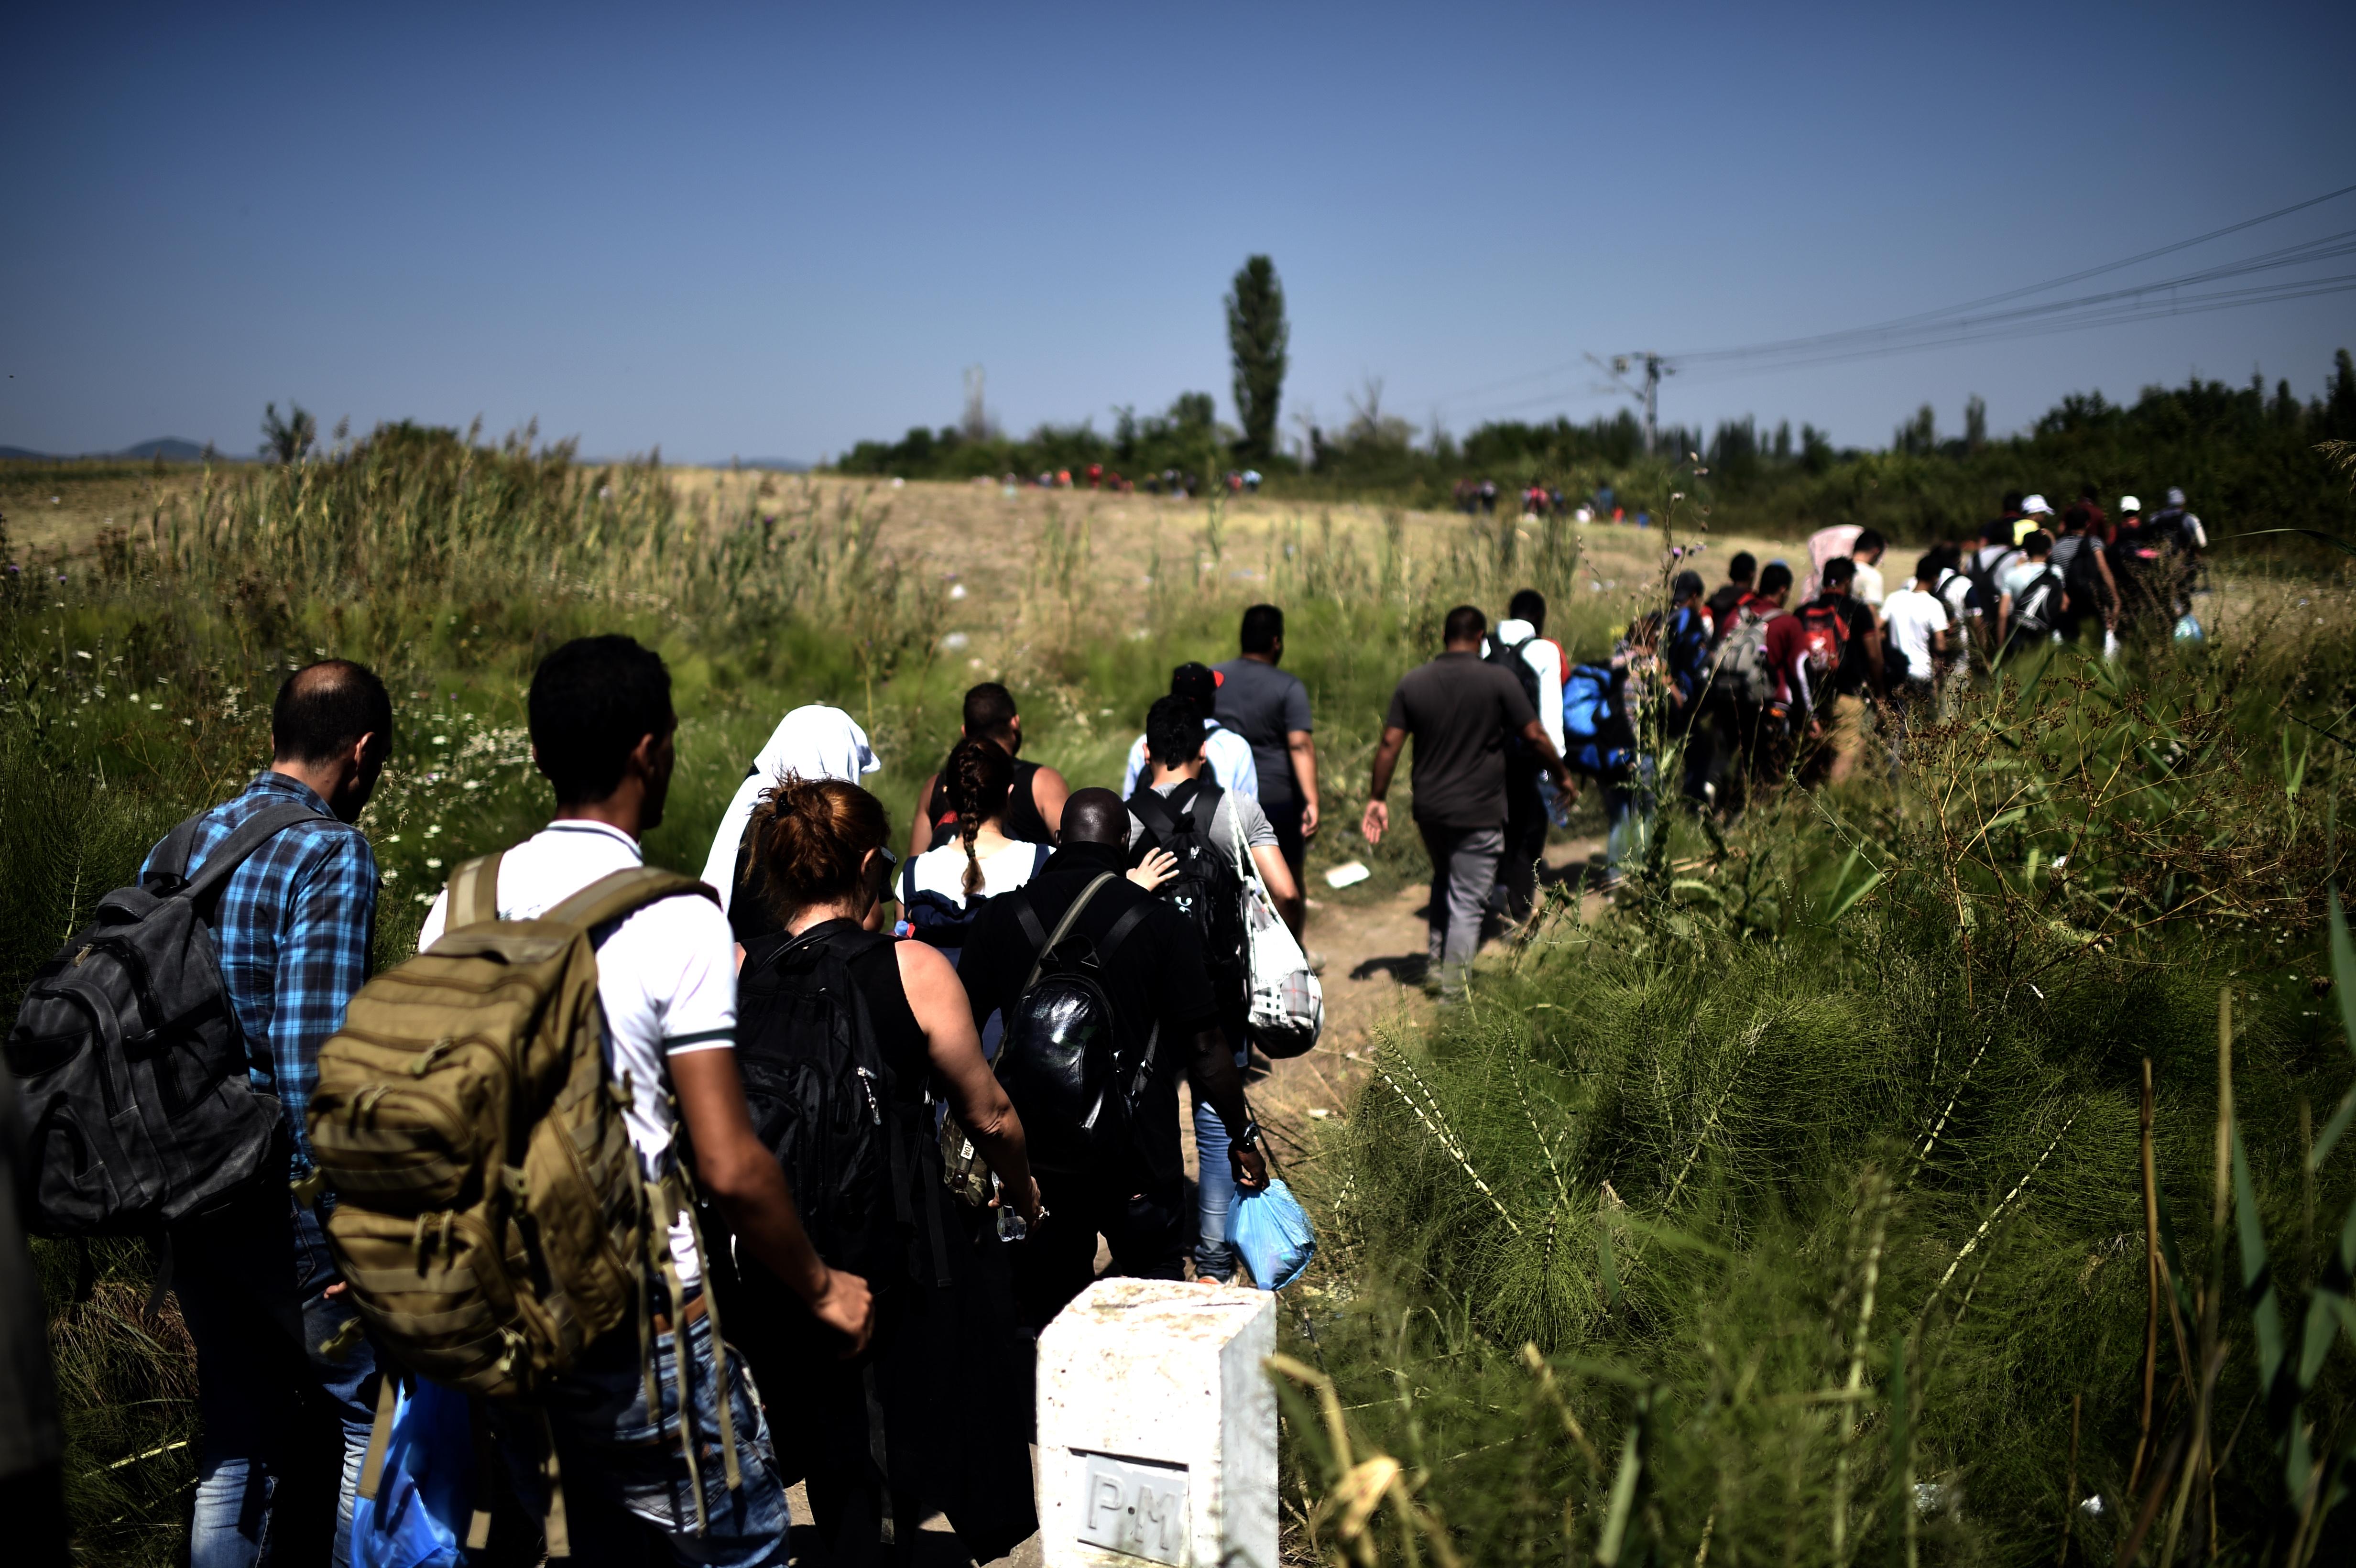 لاجئون سوريون يكملون سيرهم بعد عبور الحدود بين مقدونيا وصربيا